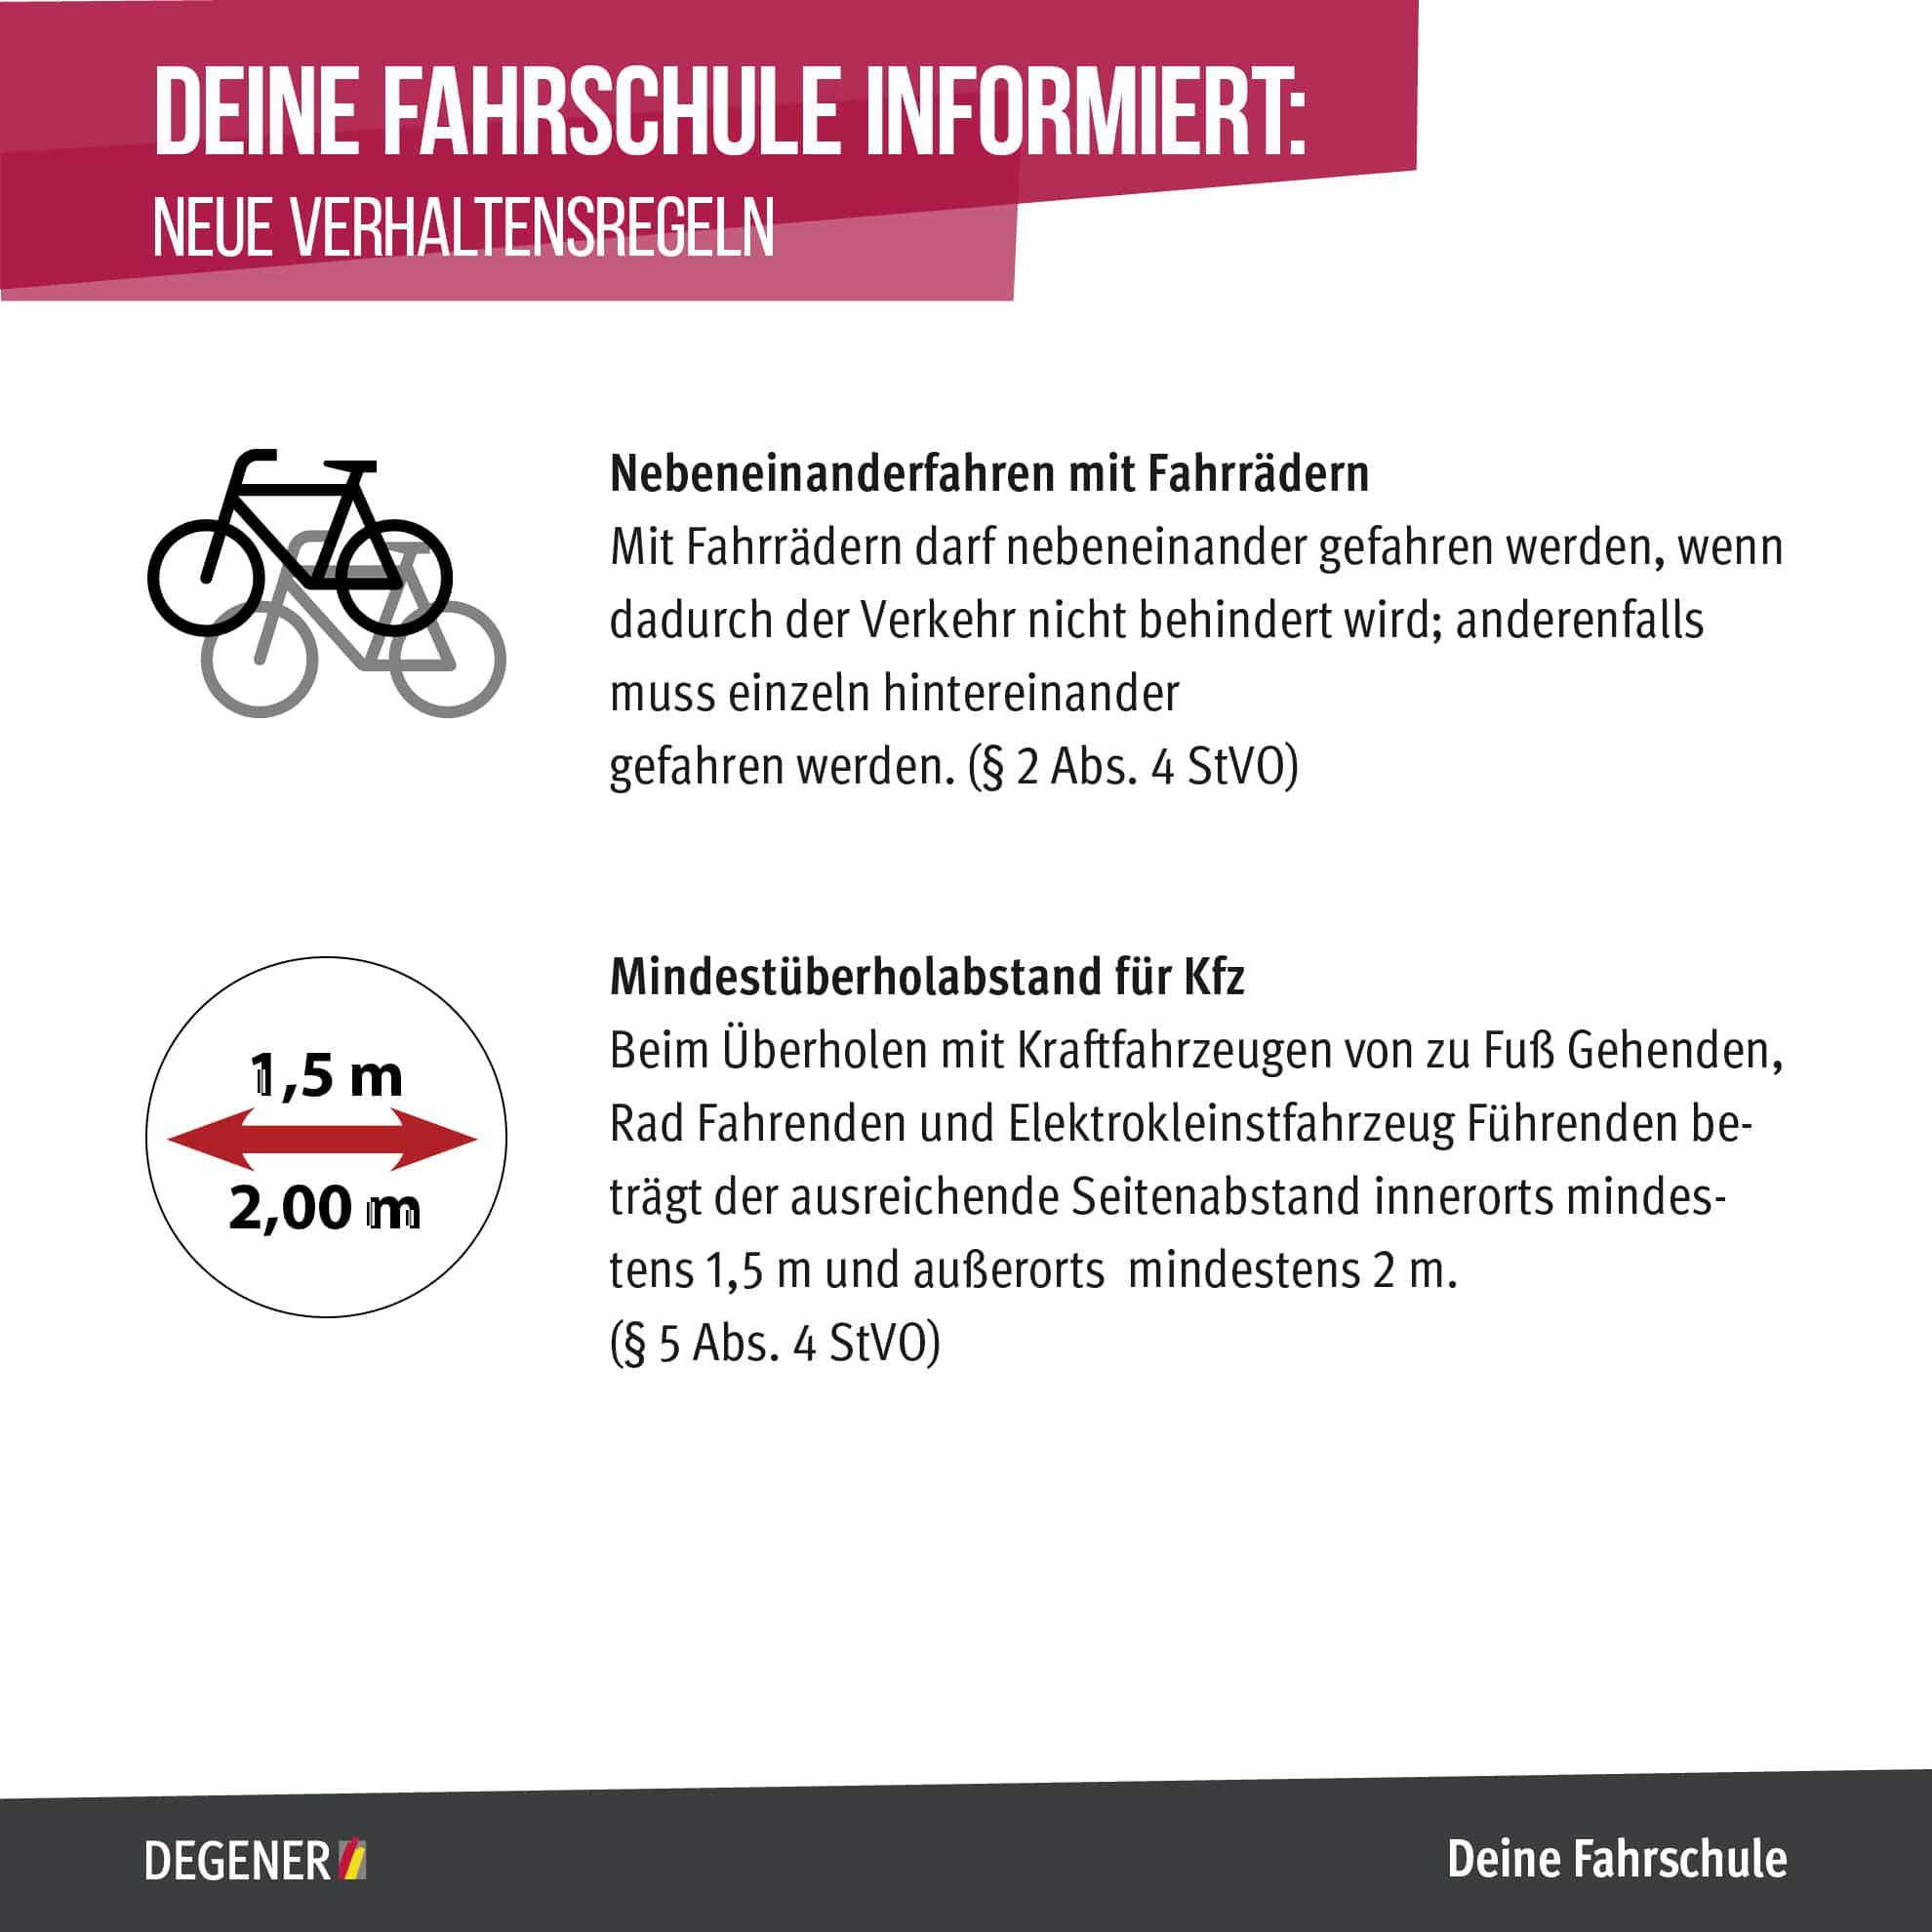 09_Deine-FS-informiert-neue-Verkehrszeichen